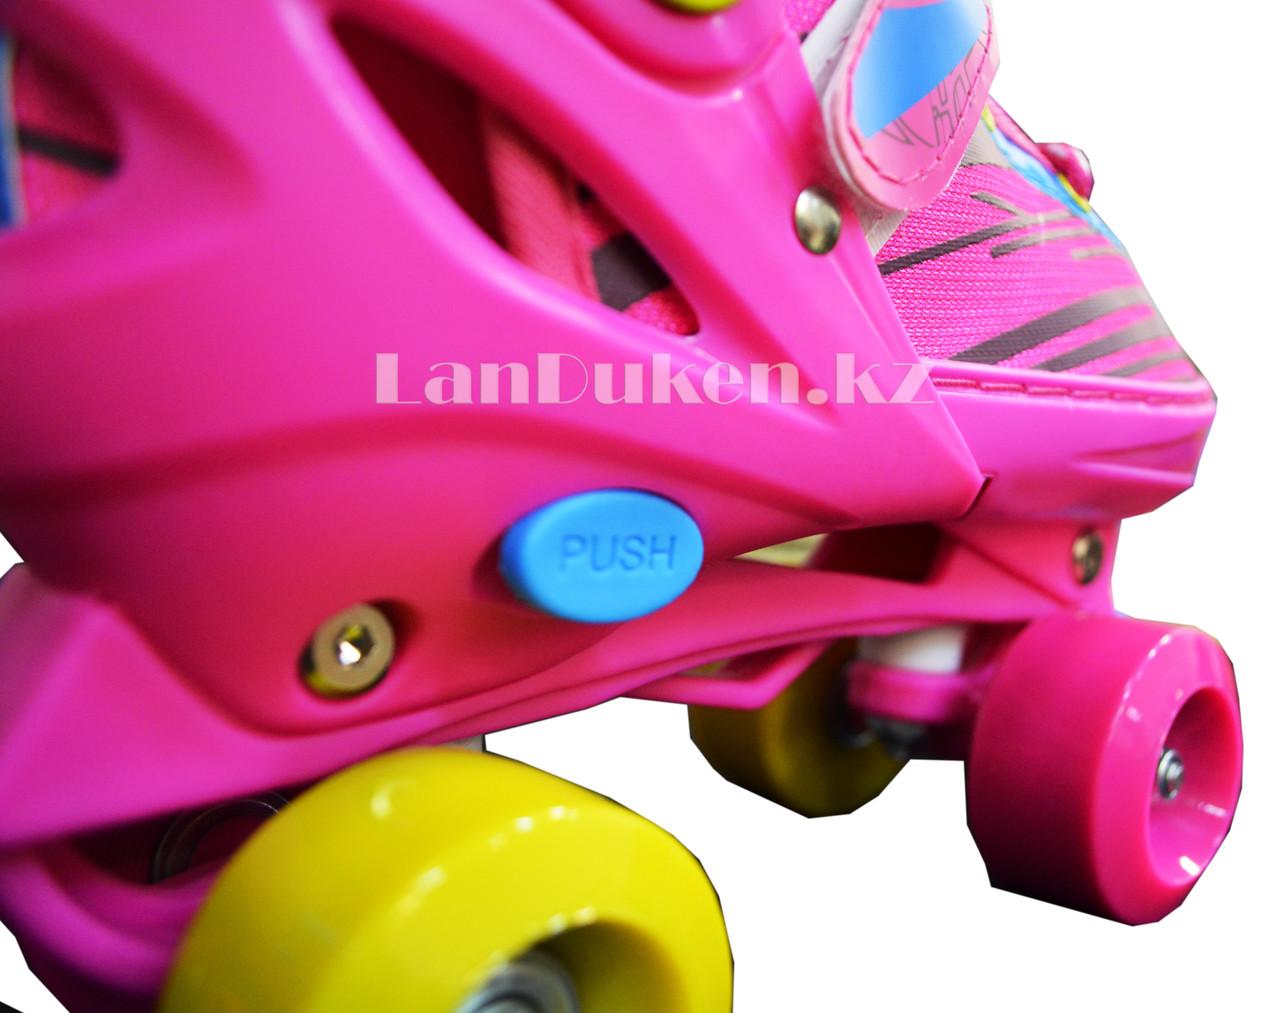 Ролики квады 4-х колесные раздвижные с прошивкой розовые - фото 5